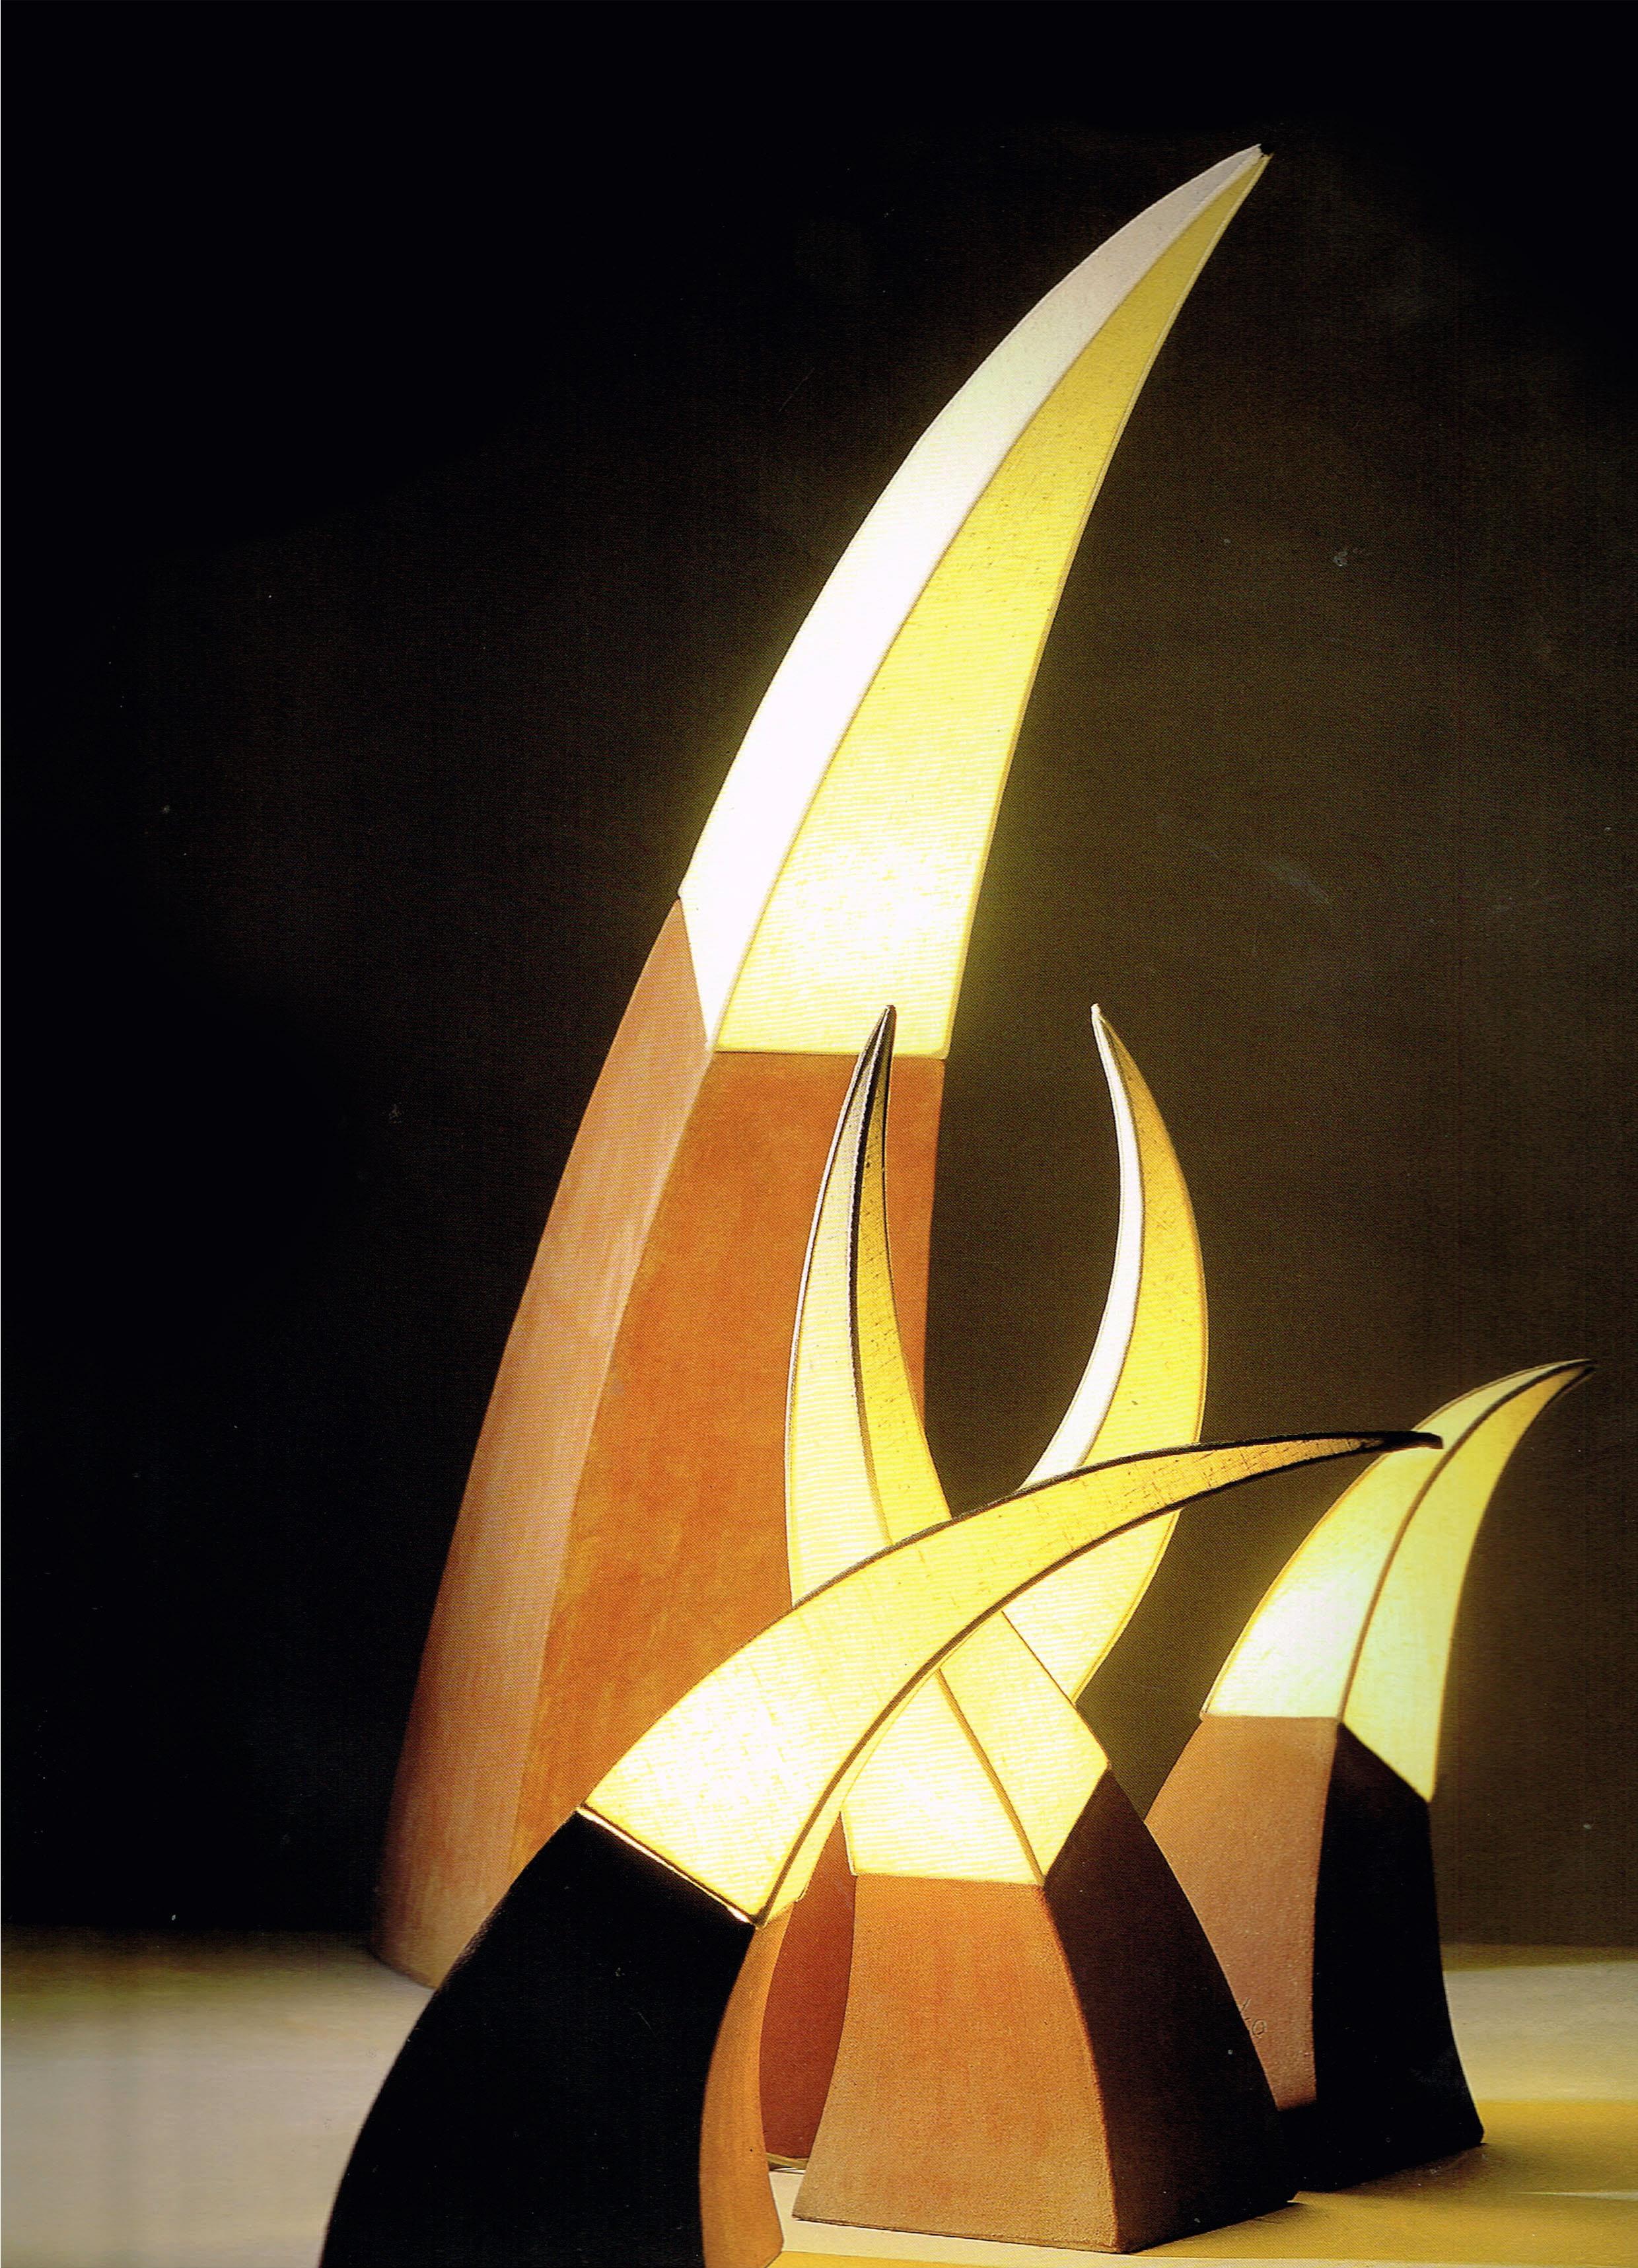 Franco Scuderi – Lamps – L'elefante e il piccolo